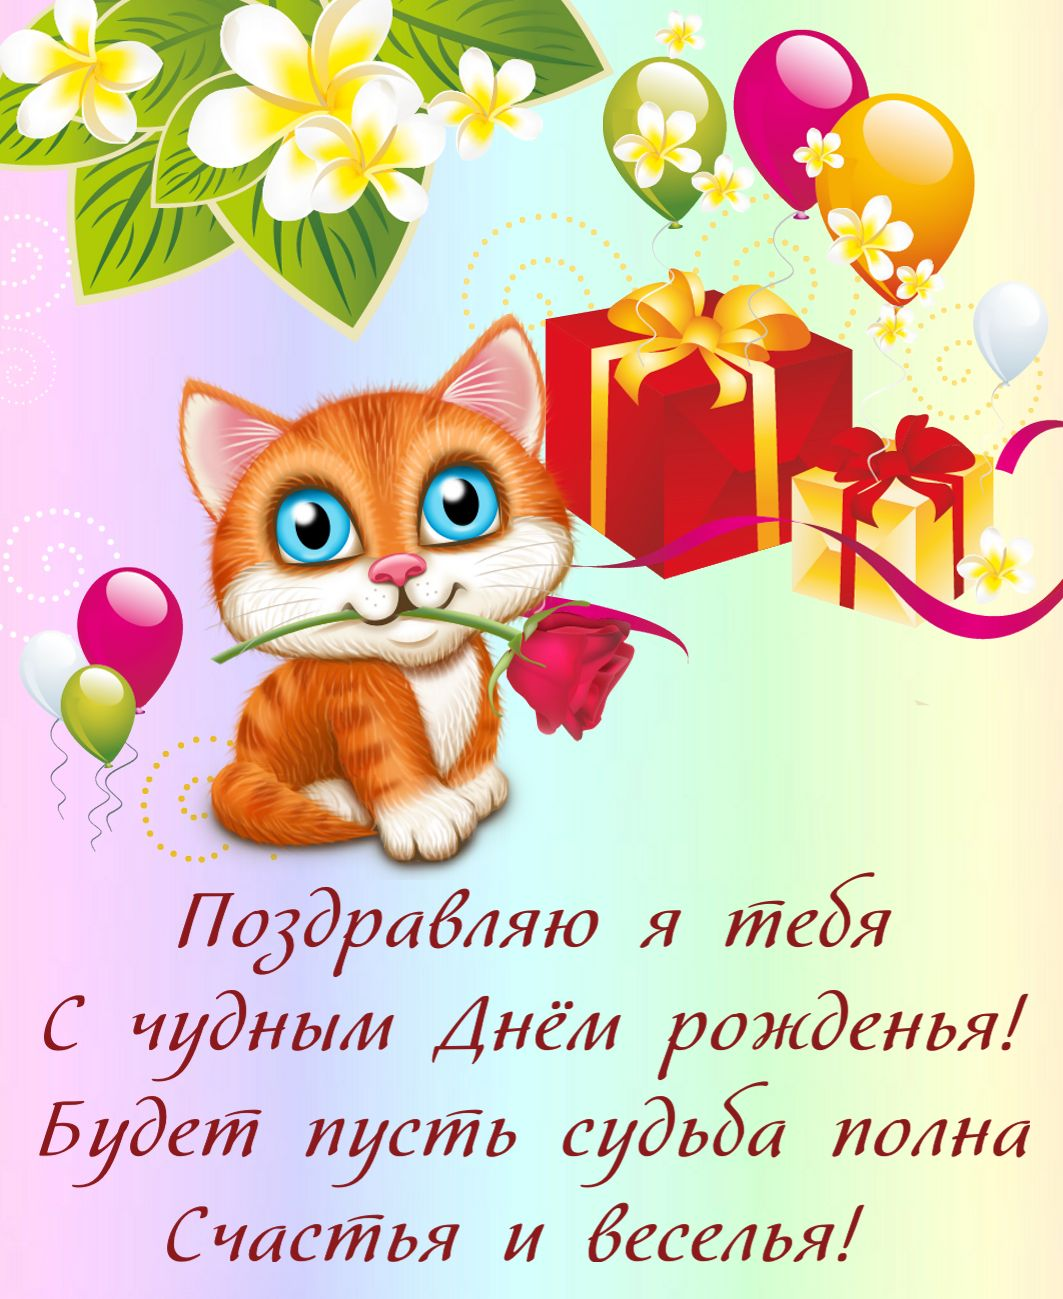 отправить поздравление с днем рождения на фейсбук